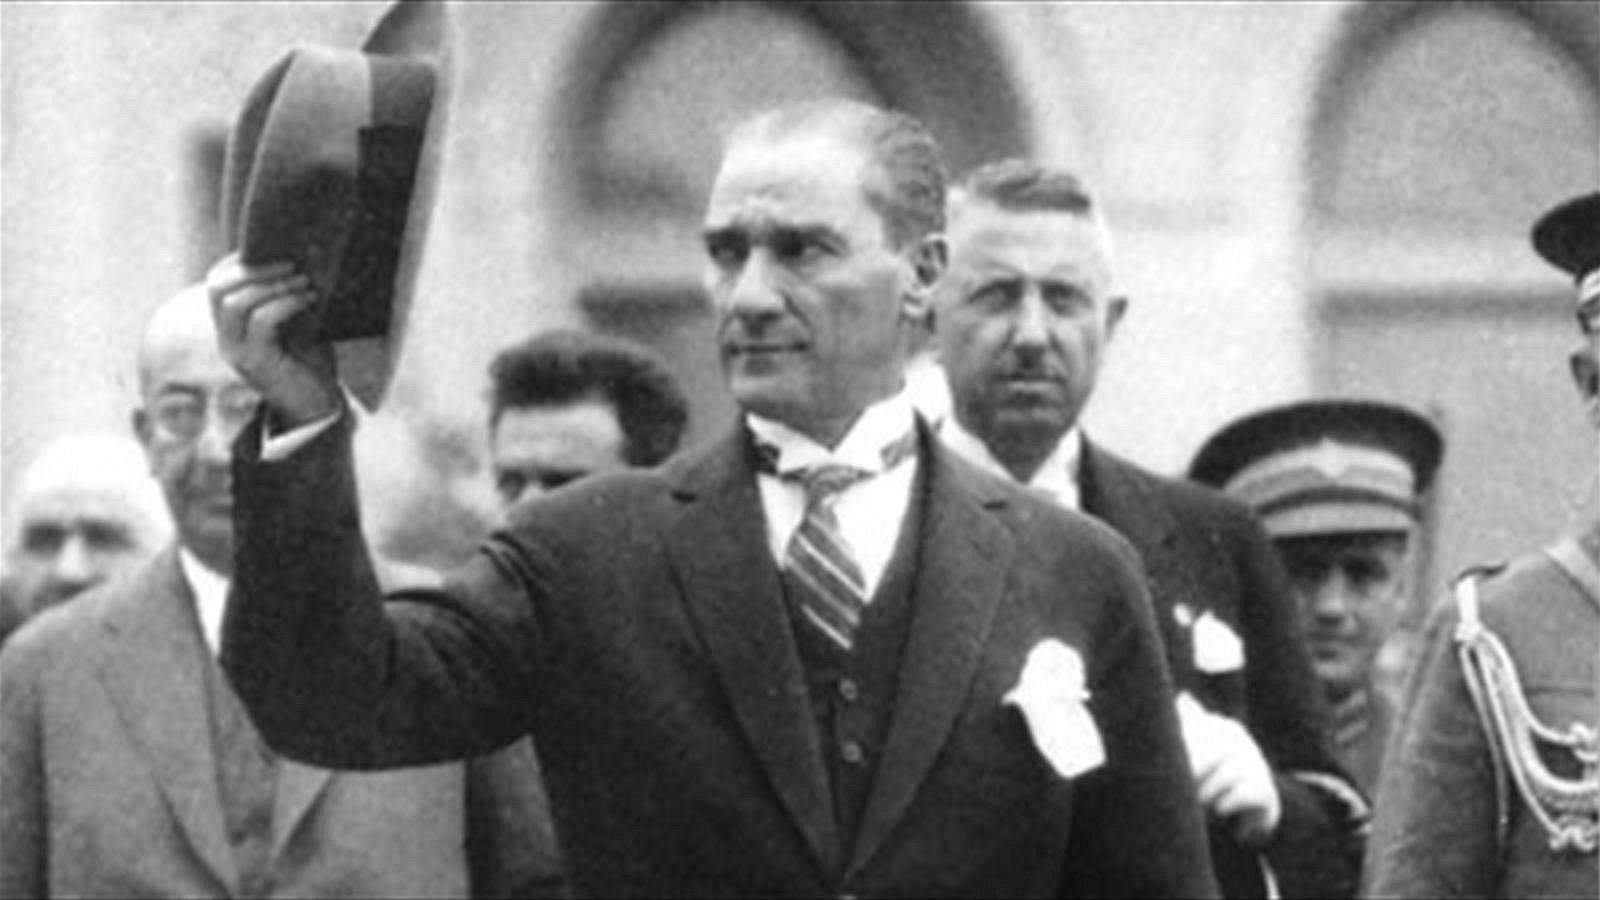 MEB Yönetmeliği Değiştirdi: Milli Bayramlar ve Atatürkçülük Okullara Geri Döndü 41